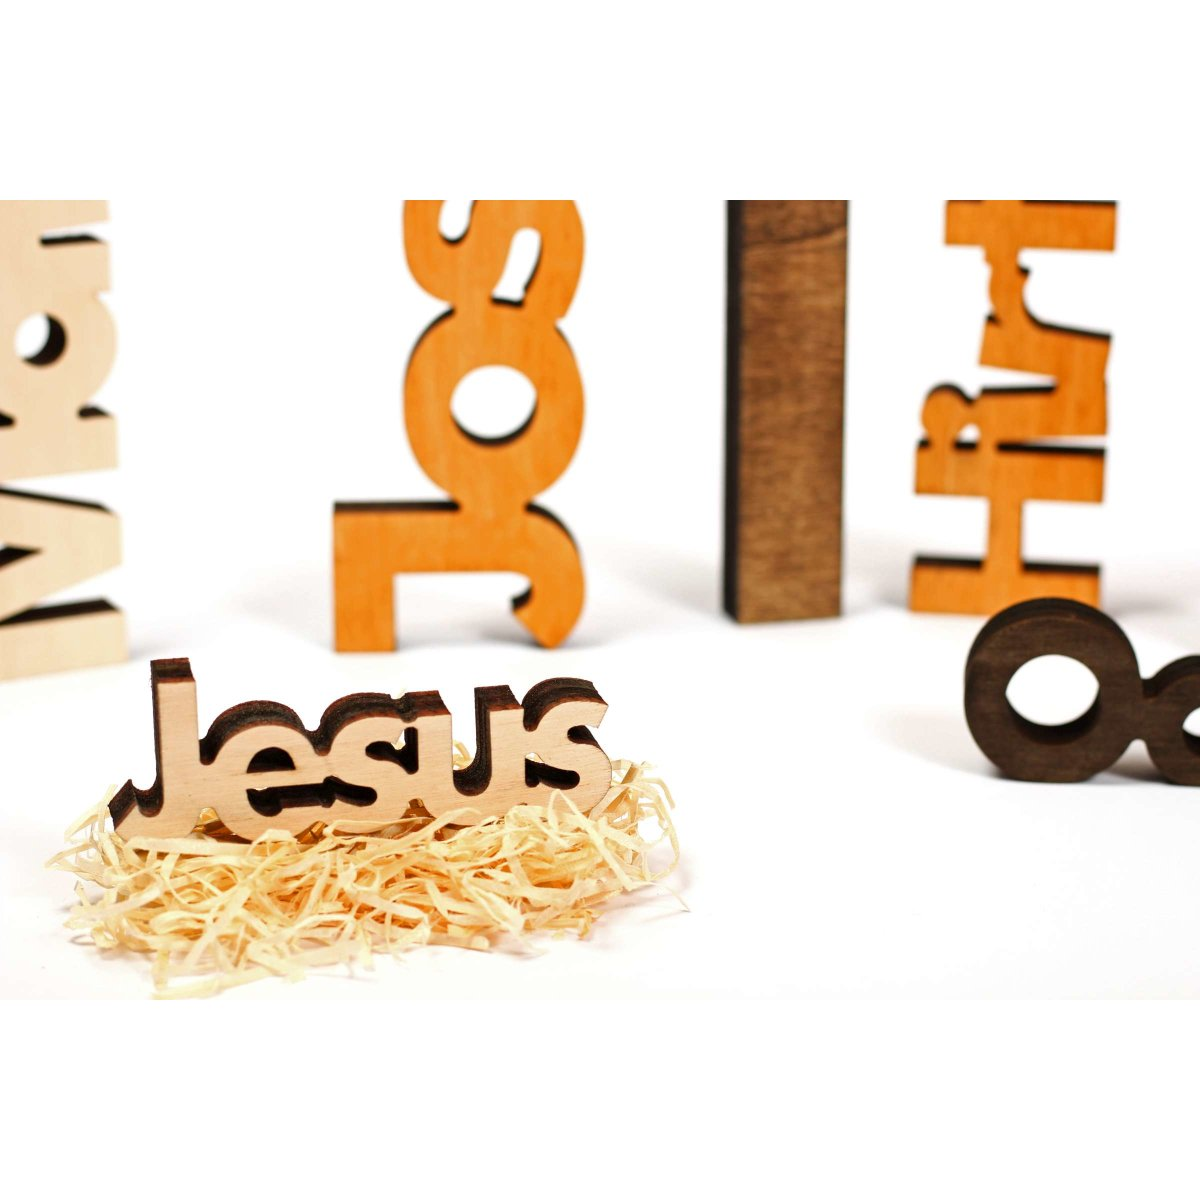 Moderne Weihnachtskrippe.Moderne Weihnachtskrippe 11 Teilig Holz Farbig Geölt Puristisch Rustikal Exklusiv Made In Tirol Xl